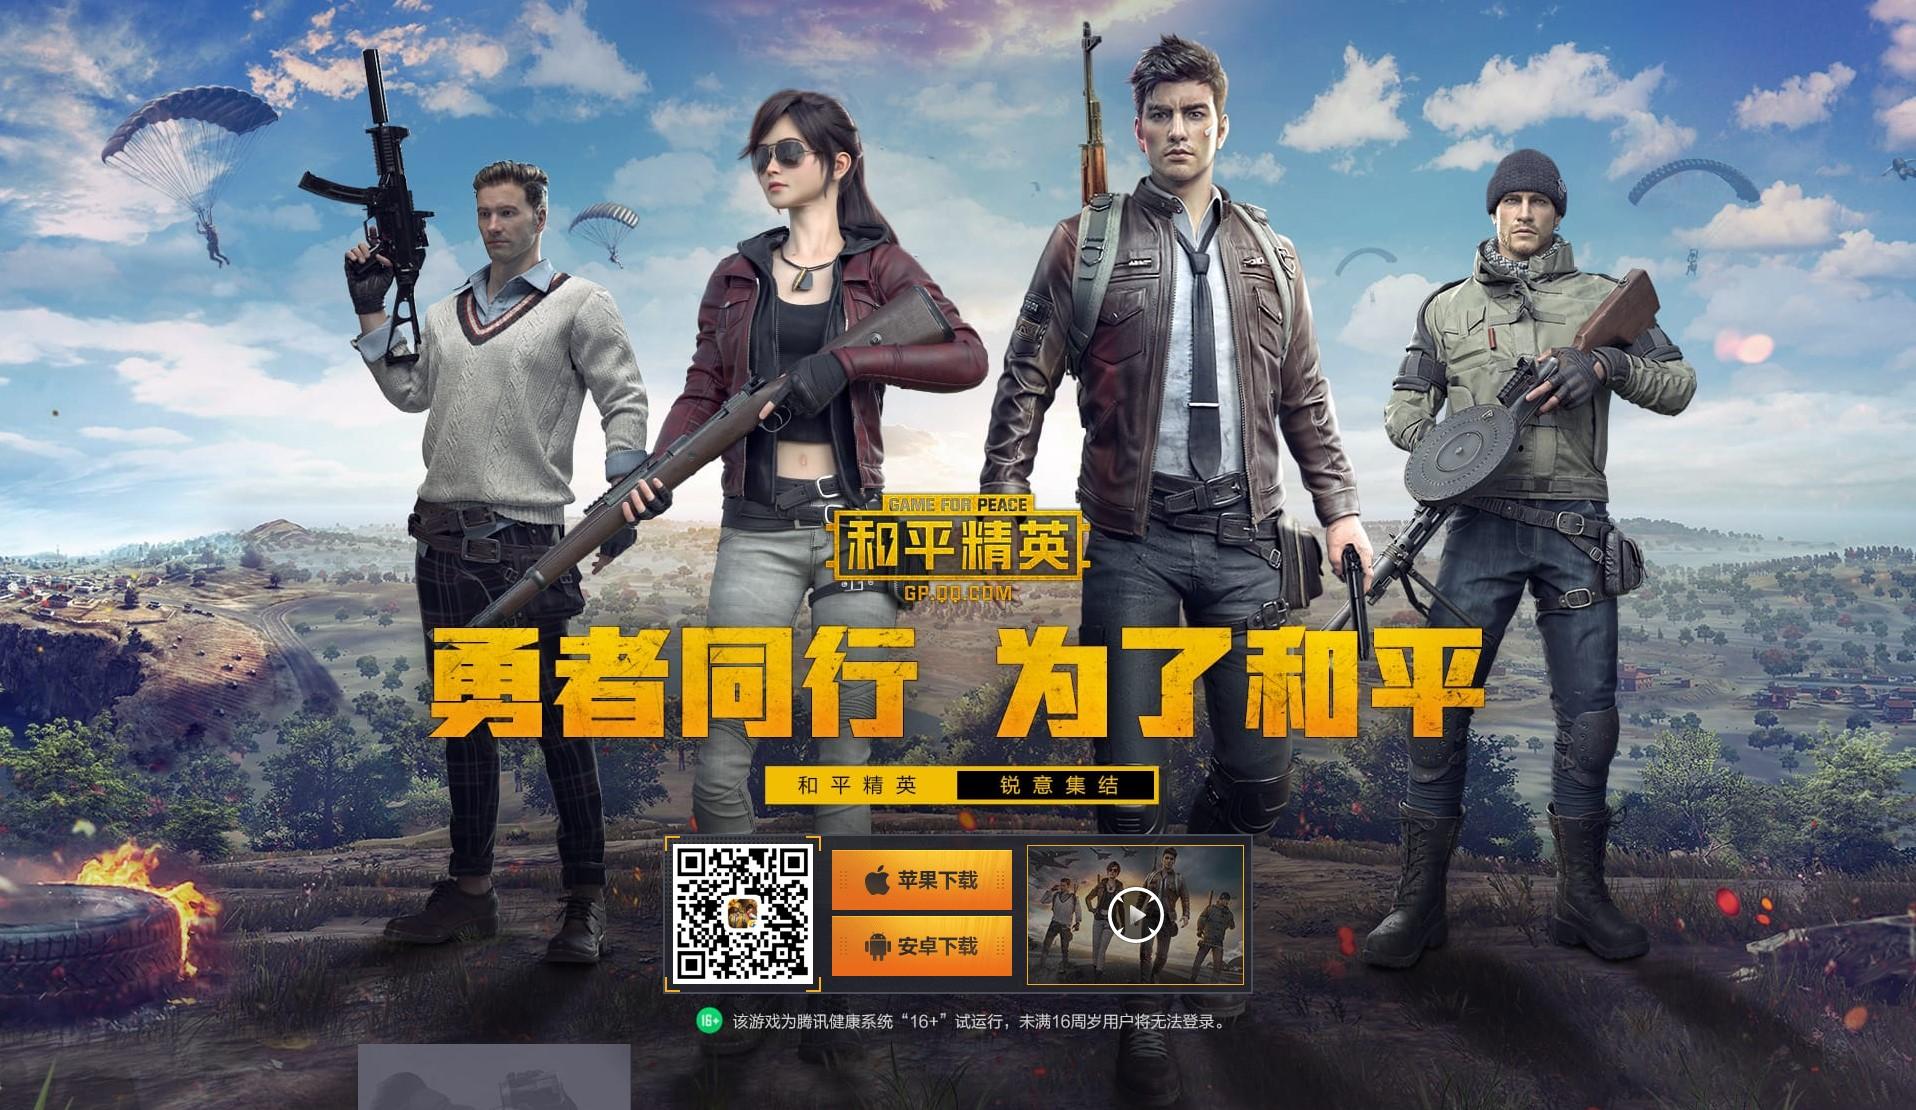 外媒:《绝地求生》可能永远不会在中国内地发售了